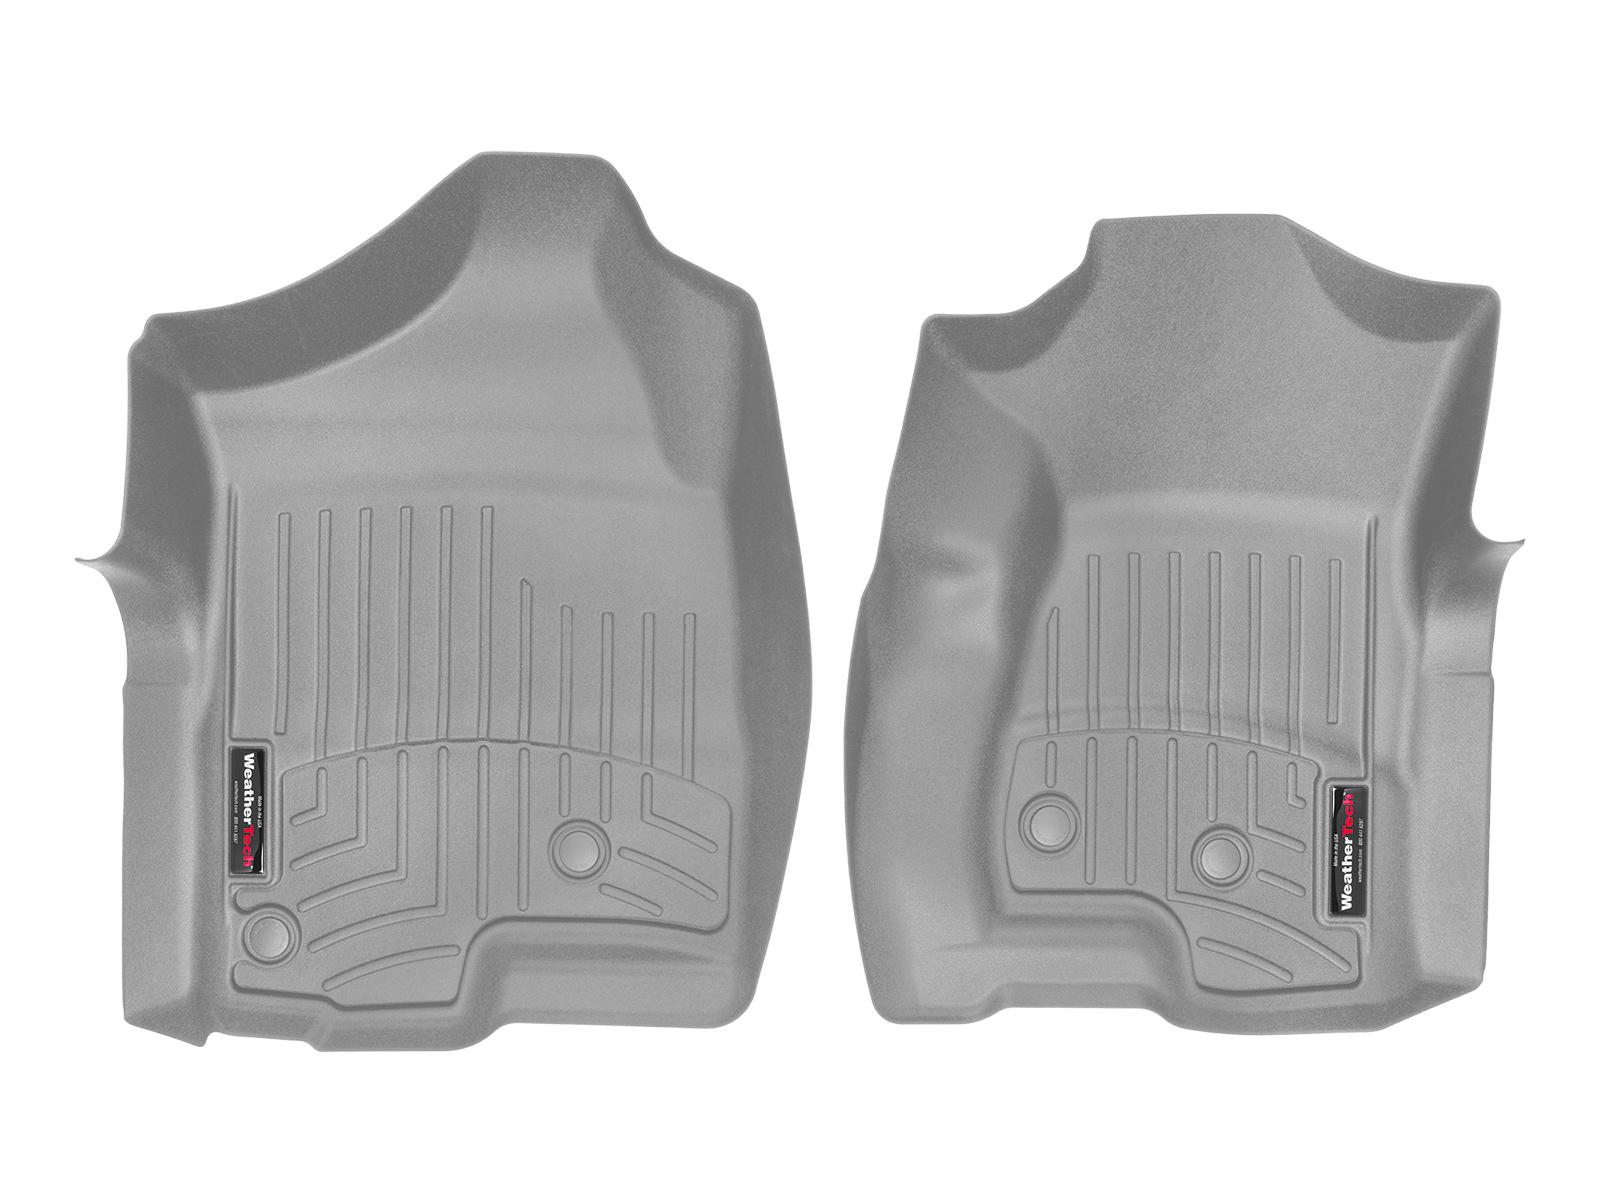 Tappeti gomma su misura bordo alto Chevrolet Silverado 07>07 Grigio A158